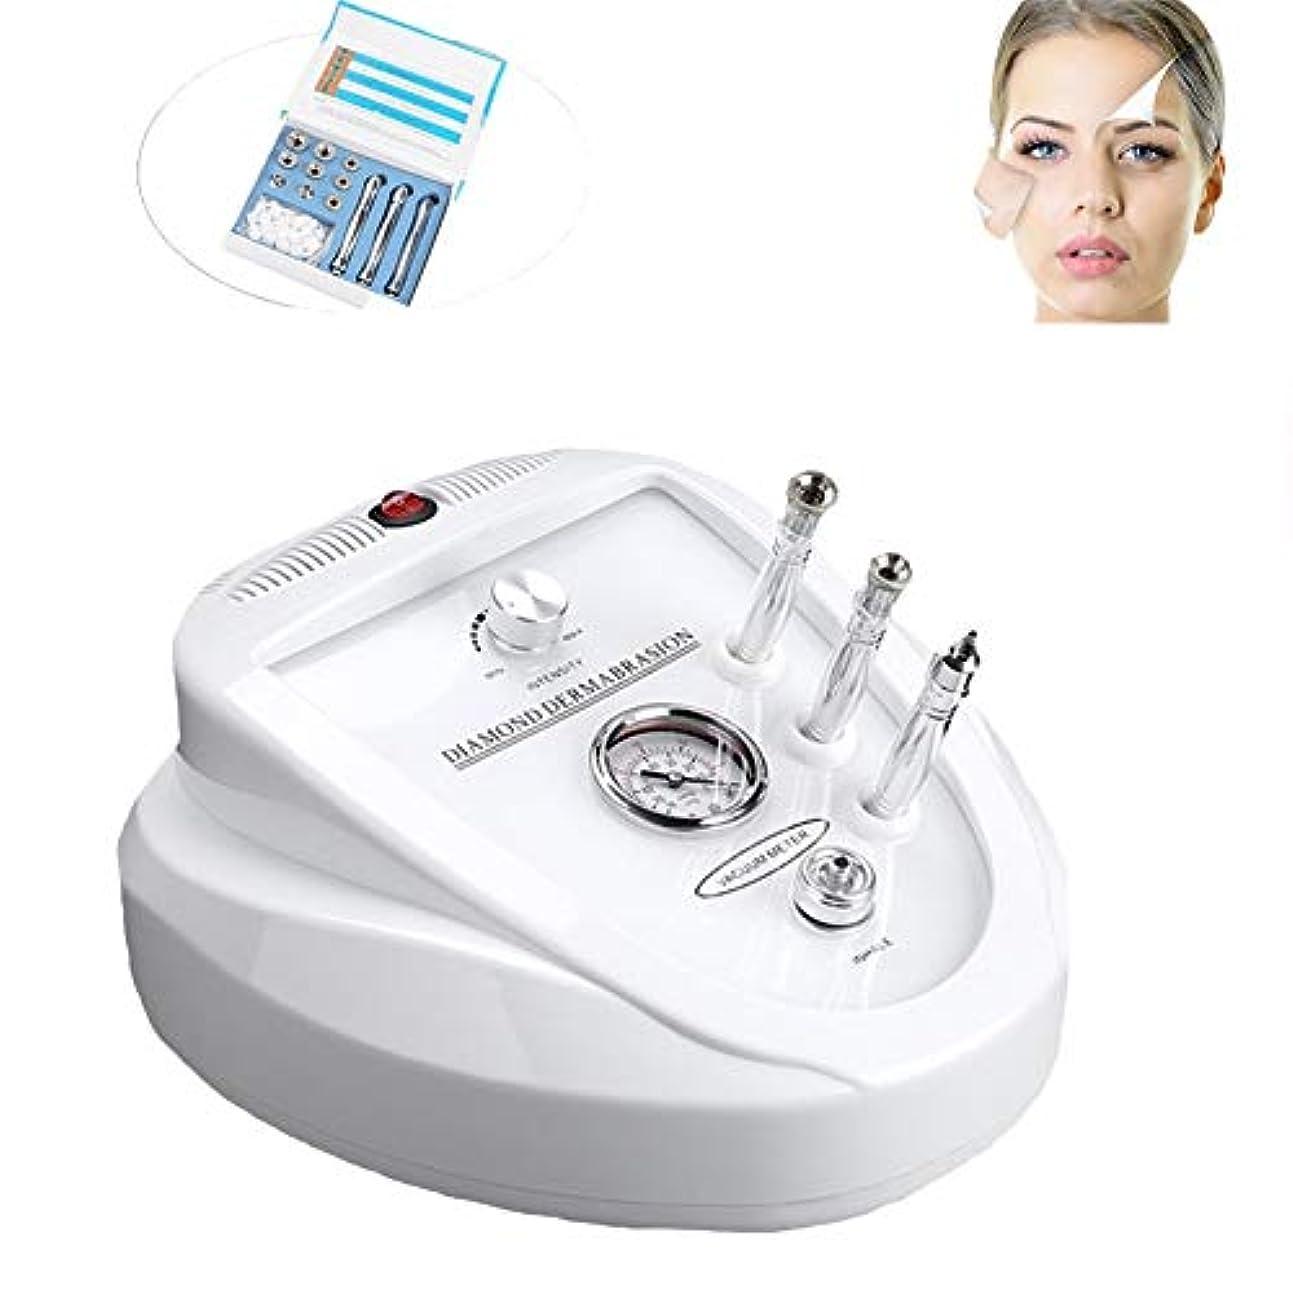 変装した夜マエストロ3-1 - ダイヤモンド皮膚剥離マイクロダーマブレーションマシン剥離皮膚更新機器